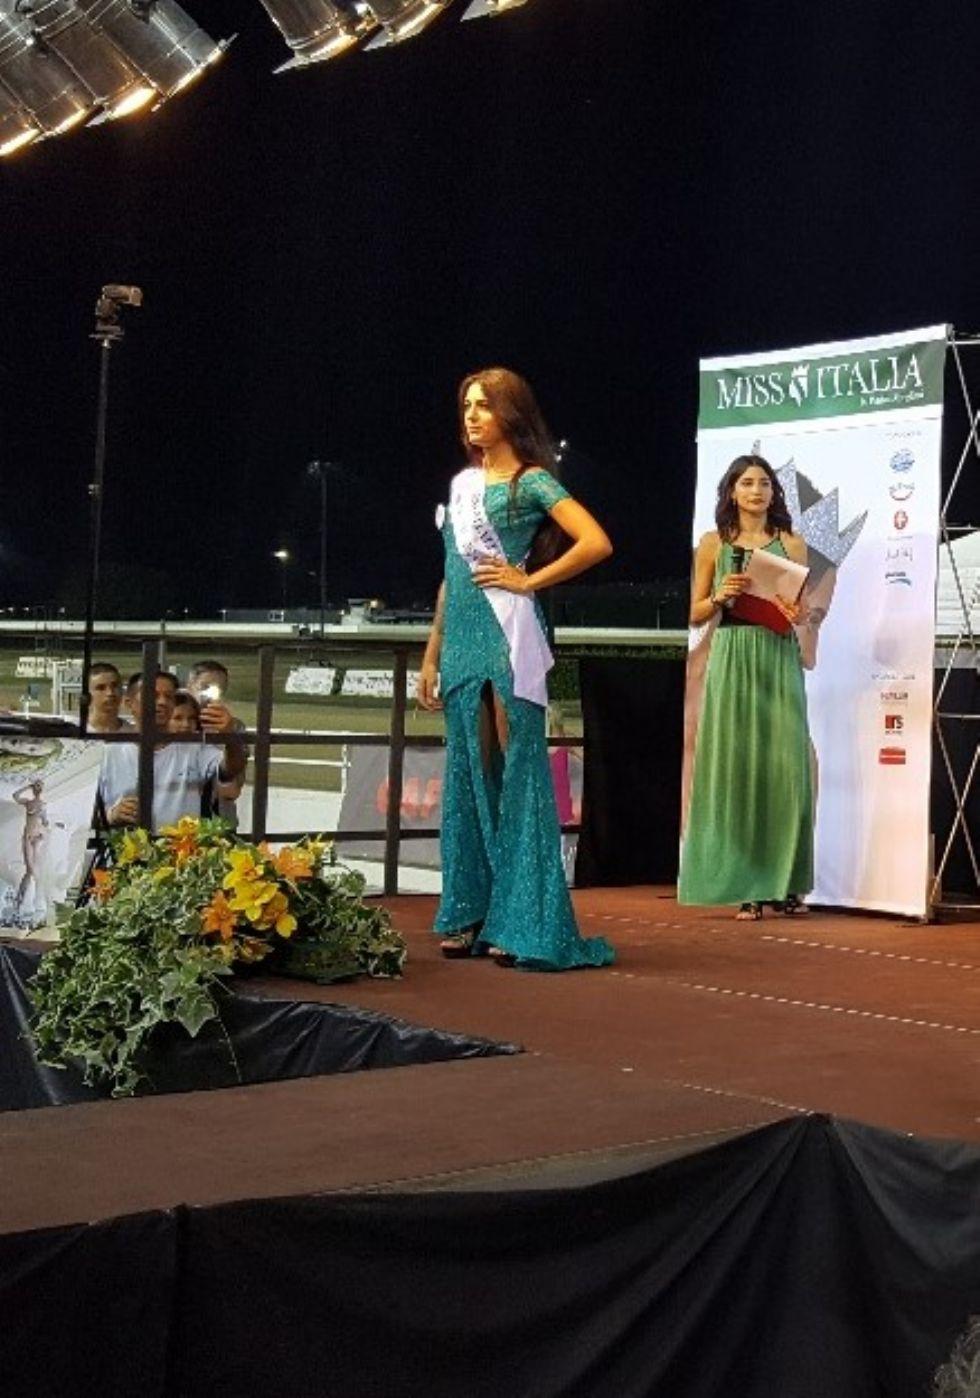 VINOVO - Claudia Gilardi è Miss Ippodromo e parteciperà alle prefinali di Miss Italia